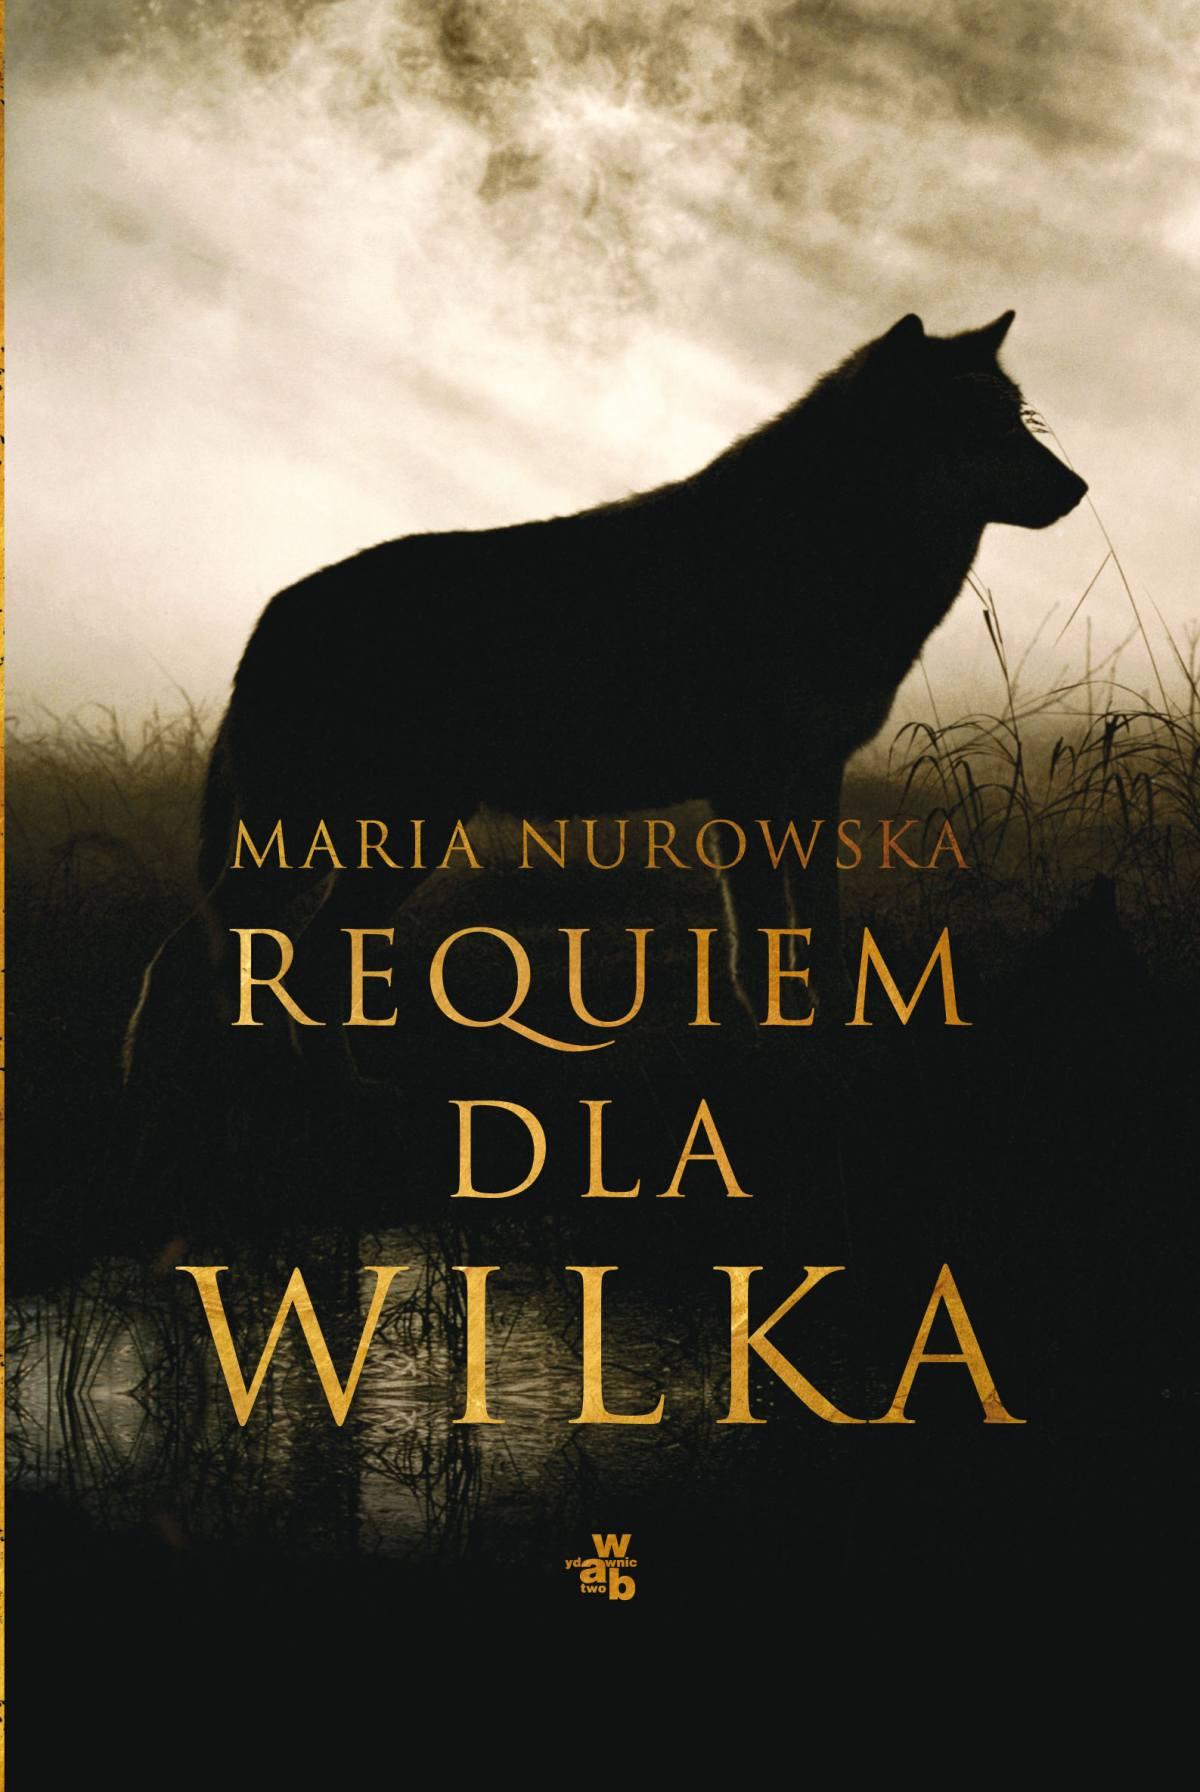 Requiem dla wilka - Ebook (Książka na Kindle) do pobrania w formacie MOBI